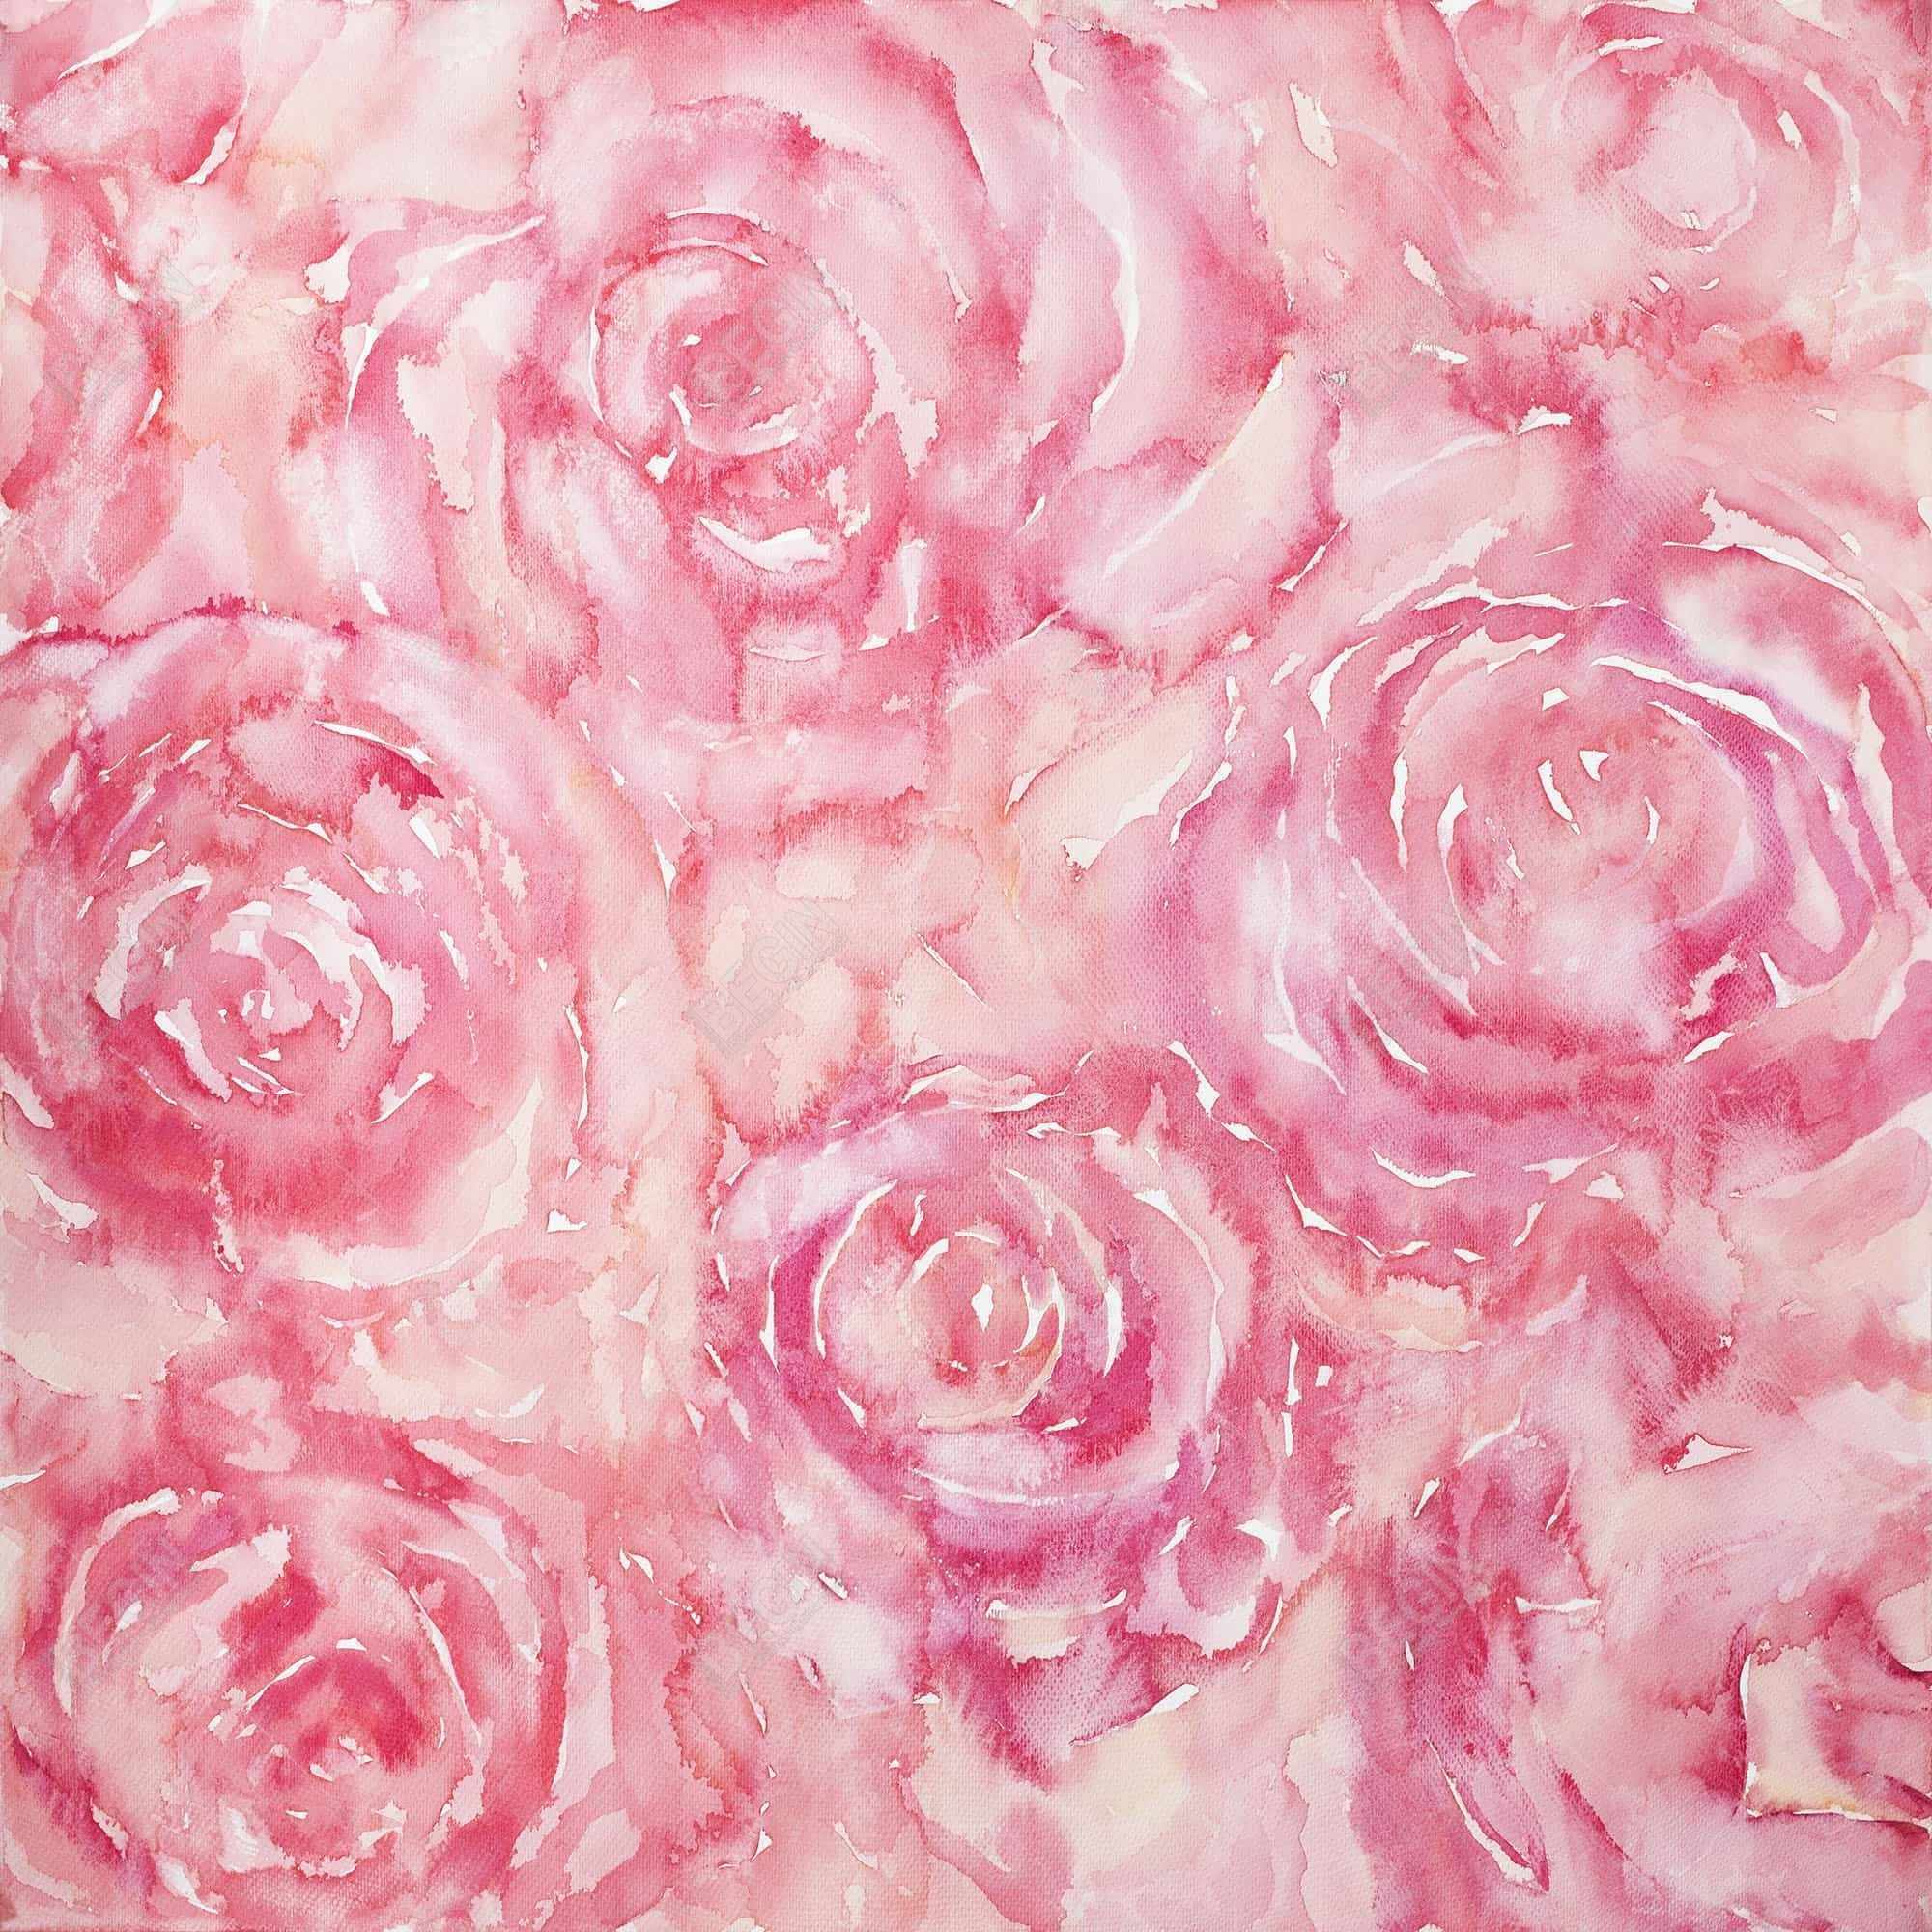 Roses in watercolor